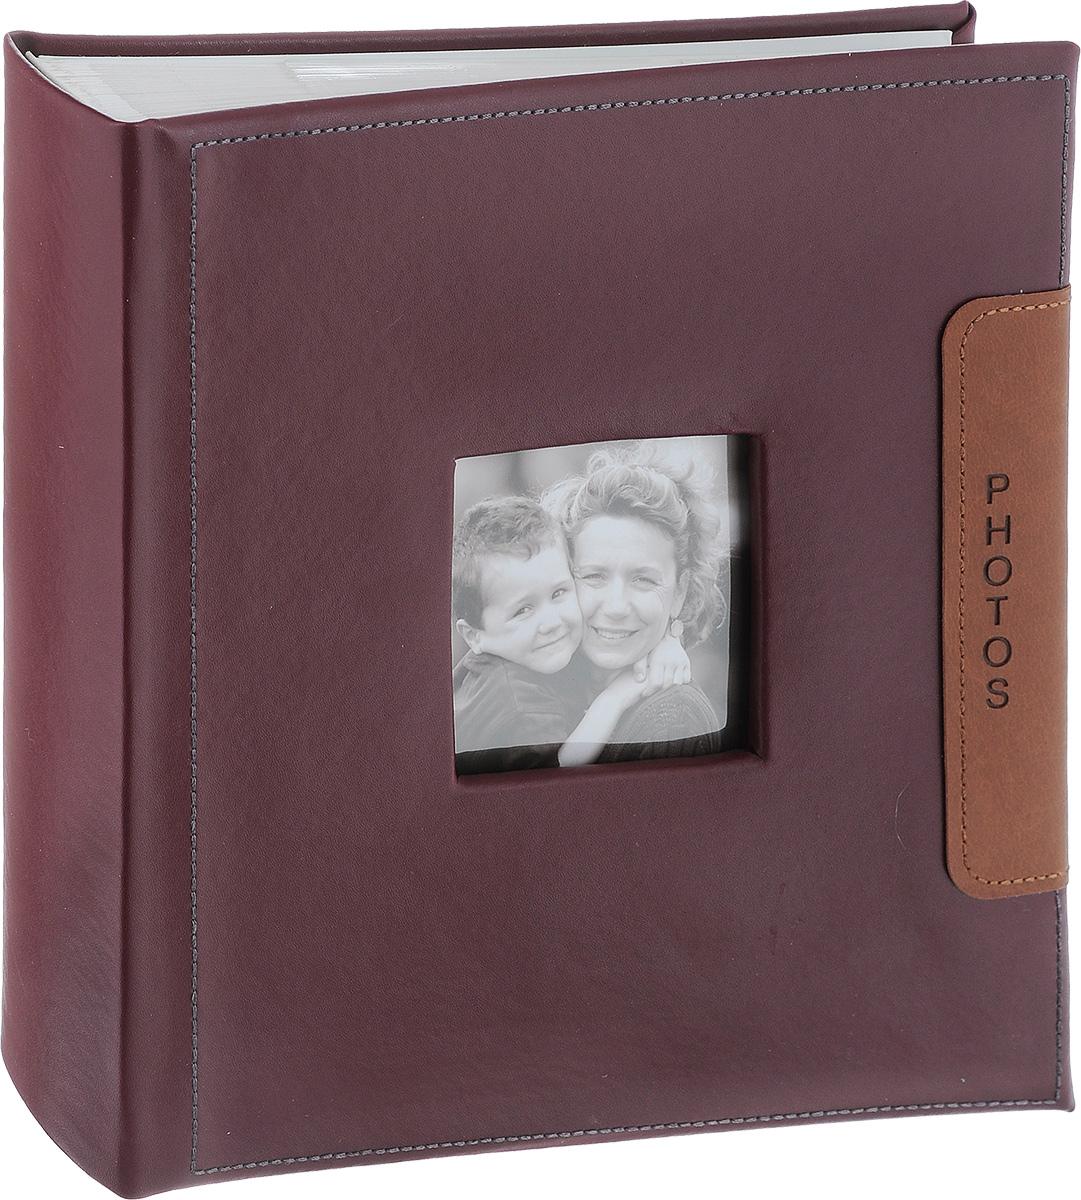 Фотоальбом Image Art, 200 фотографий, цвет: бордовый, 10 x 15 см BBM46200/2/04674-0120Фотоальбом Image Art поможет красиво оформить ваши самые интересные фотографии. Обложка выполнена из толстого картона. С лицевой стороны обложки имеется окошко для вашей самой любимой фотографии. Внутри содержится блок из 50 белых листов с фиксаторами-окошками из полипропилена. Альбом рассчитан на 200 фотографий формата 10 см х 15 см (по 2 фотографии на странице). Для фотографий предусмотрено поле для записей. Переплет - книжный. Нам всегда так приятно вспоминать о самых счастливых моментах жизни, запечатленных на фотографиях. Поэтому фотоальбом является универсальным подарком к любому празднику.Количество листов: 50.